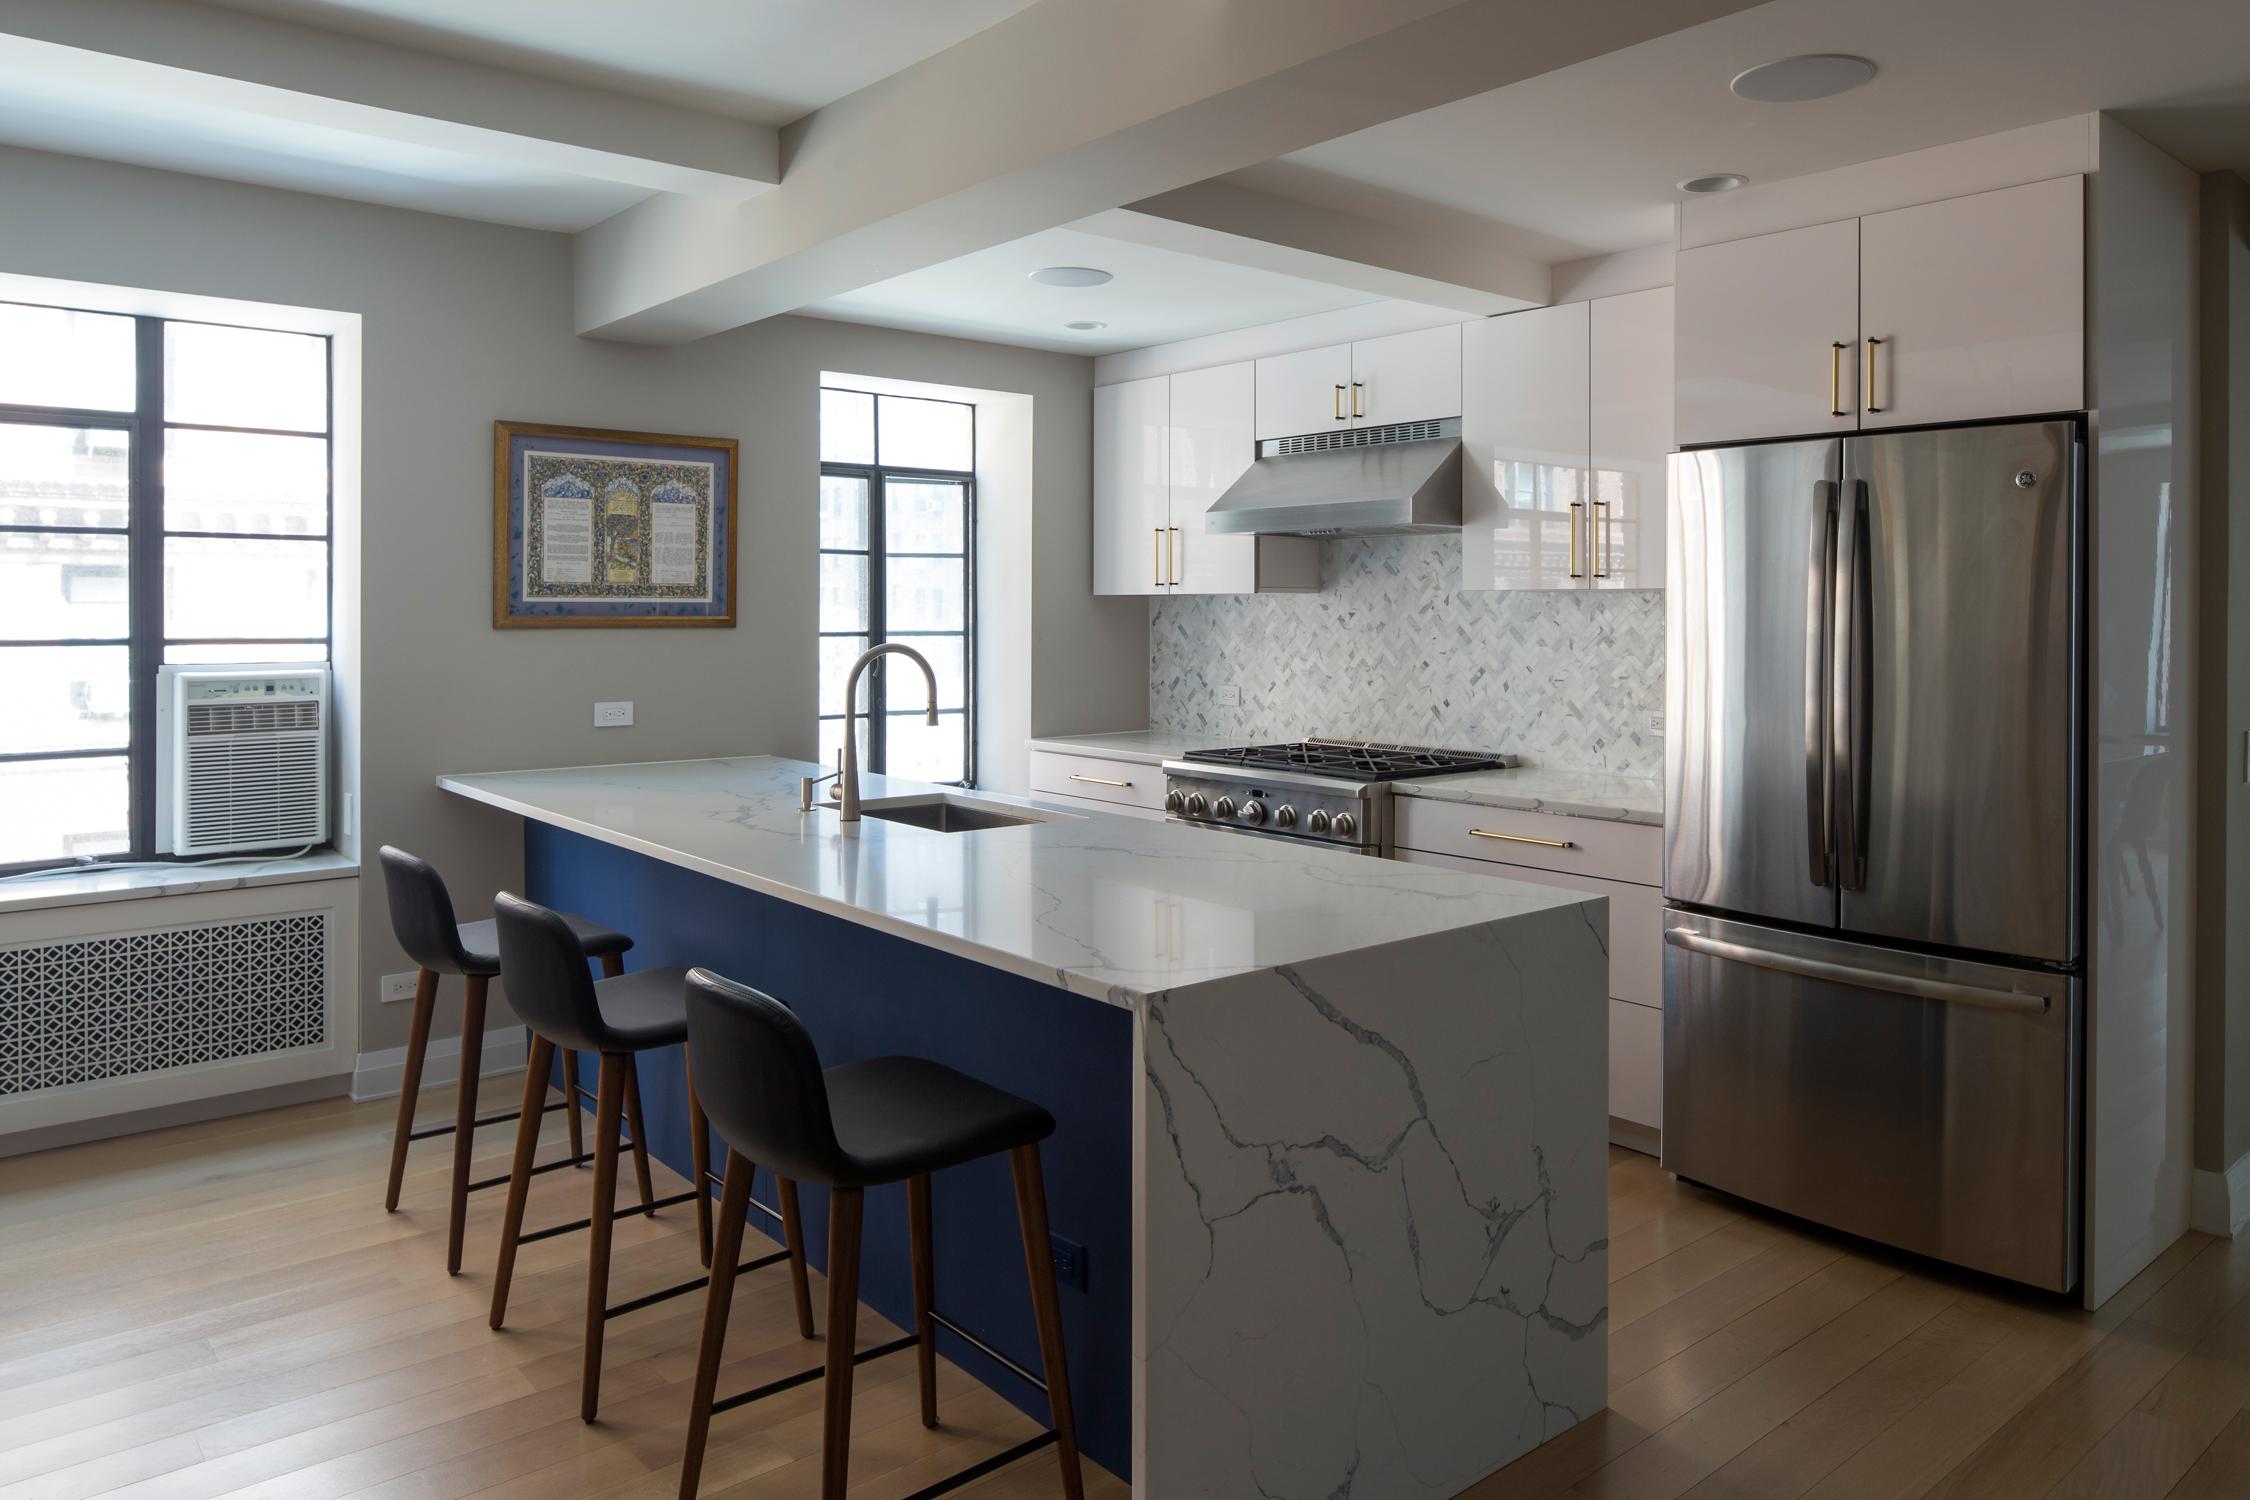 kitchen1_b.jpg